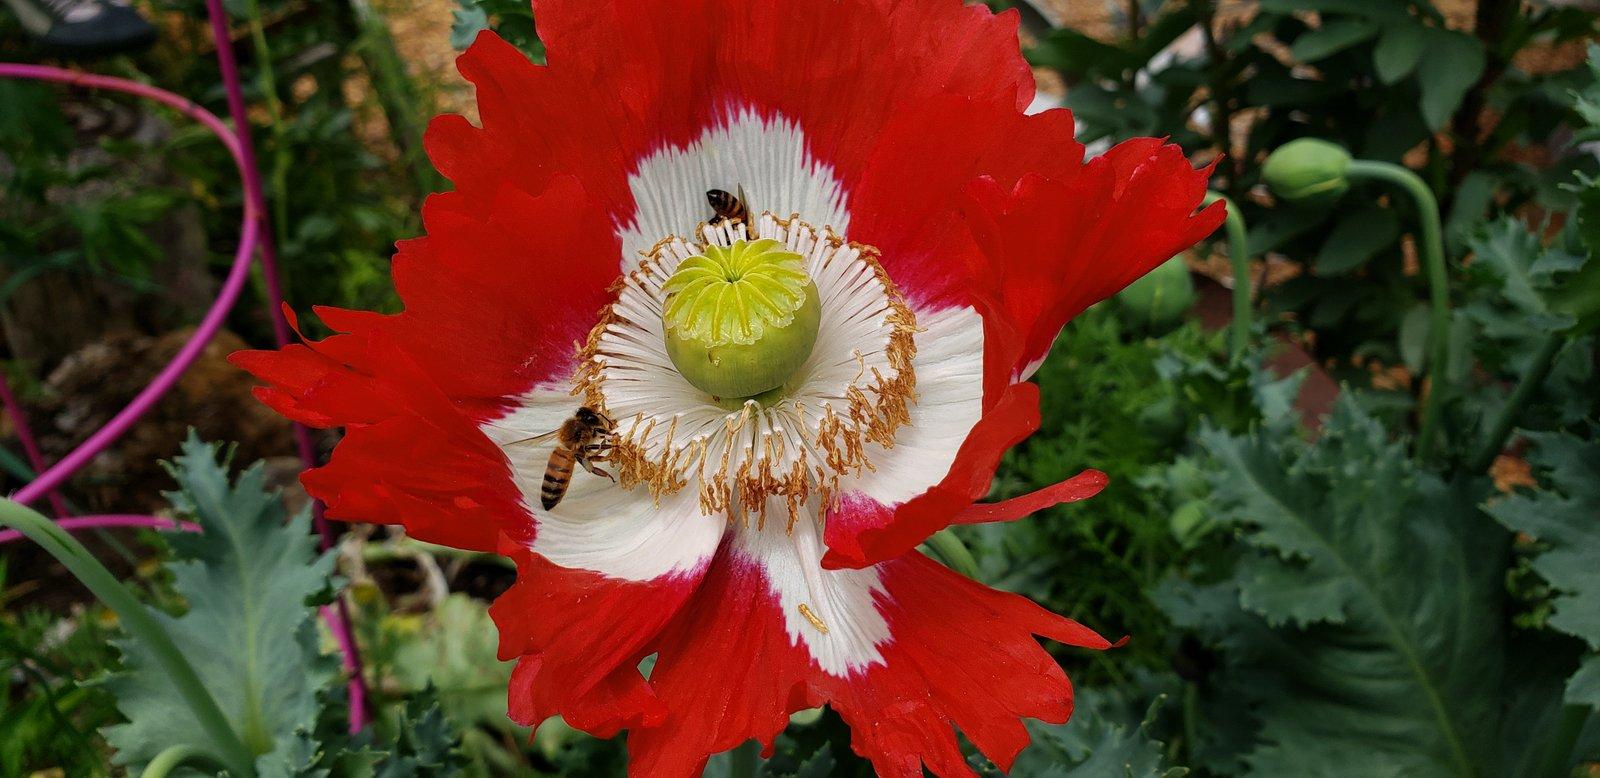 Honeybees on poppy